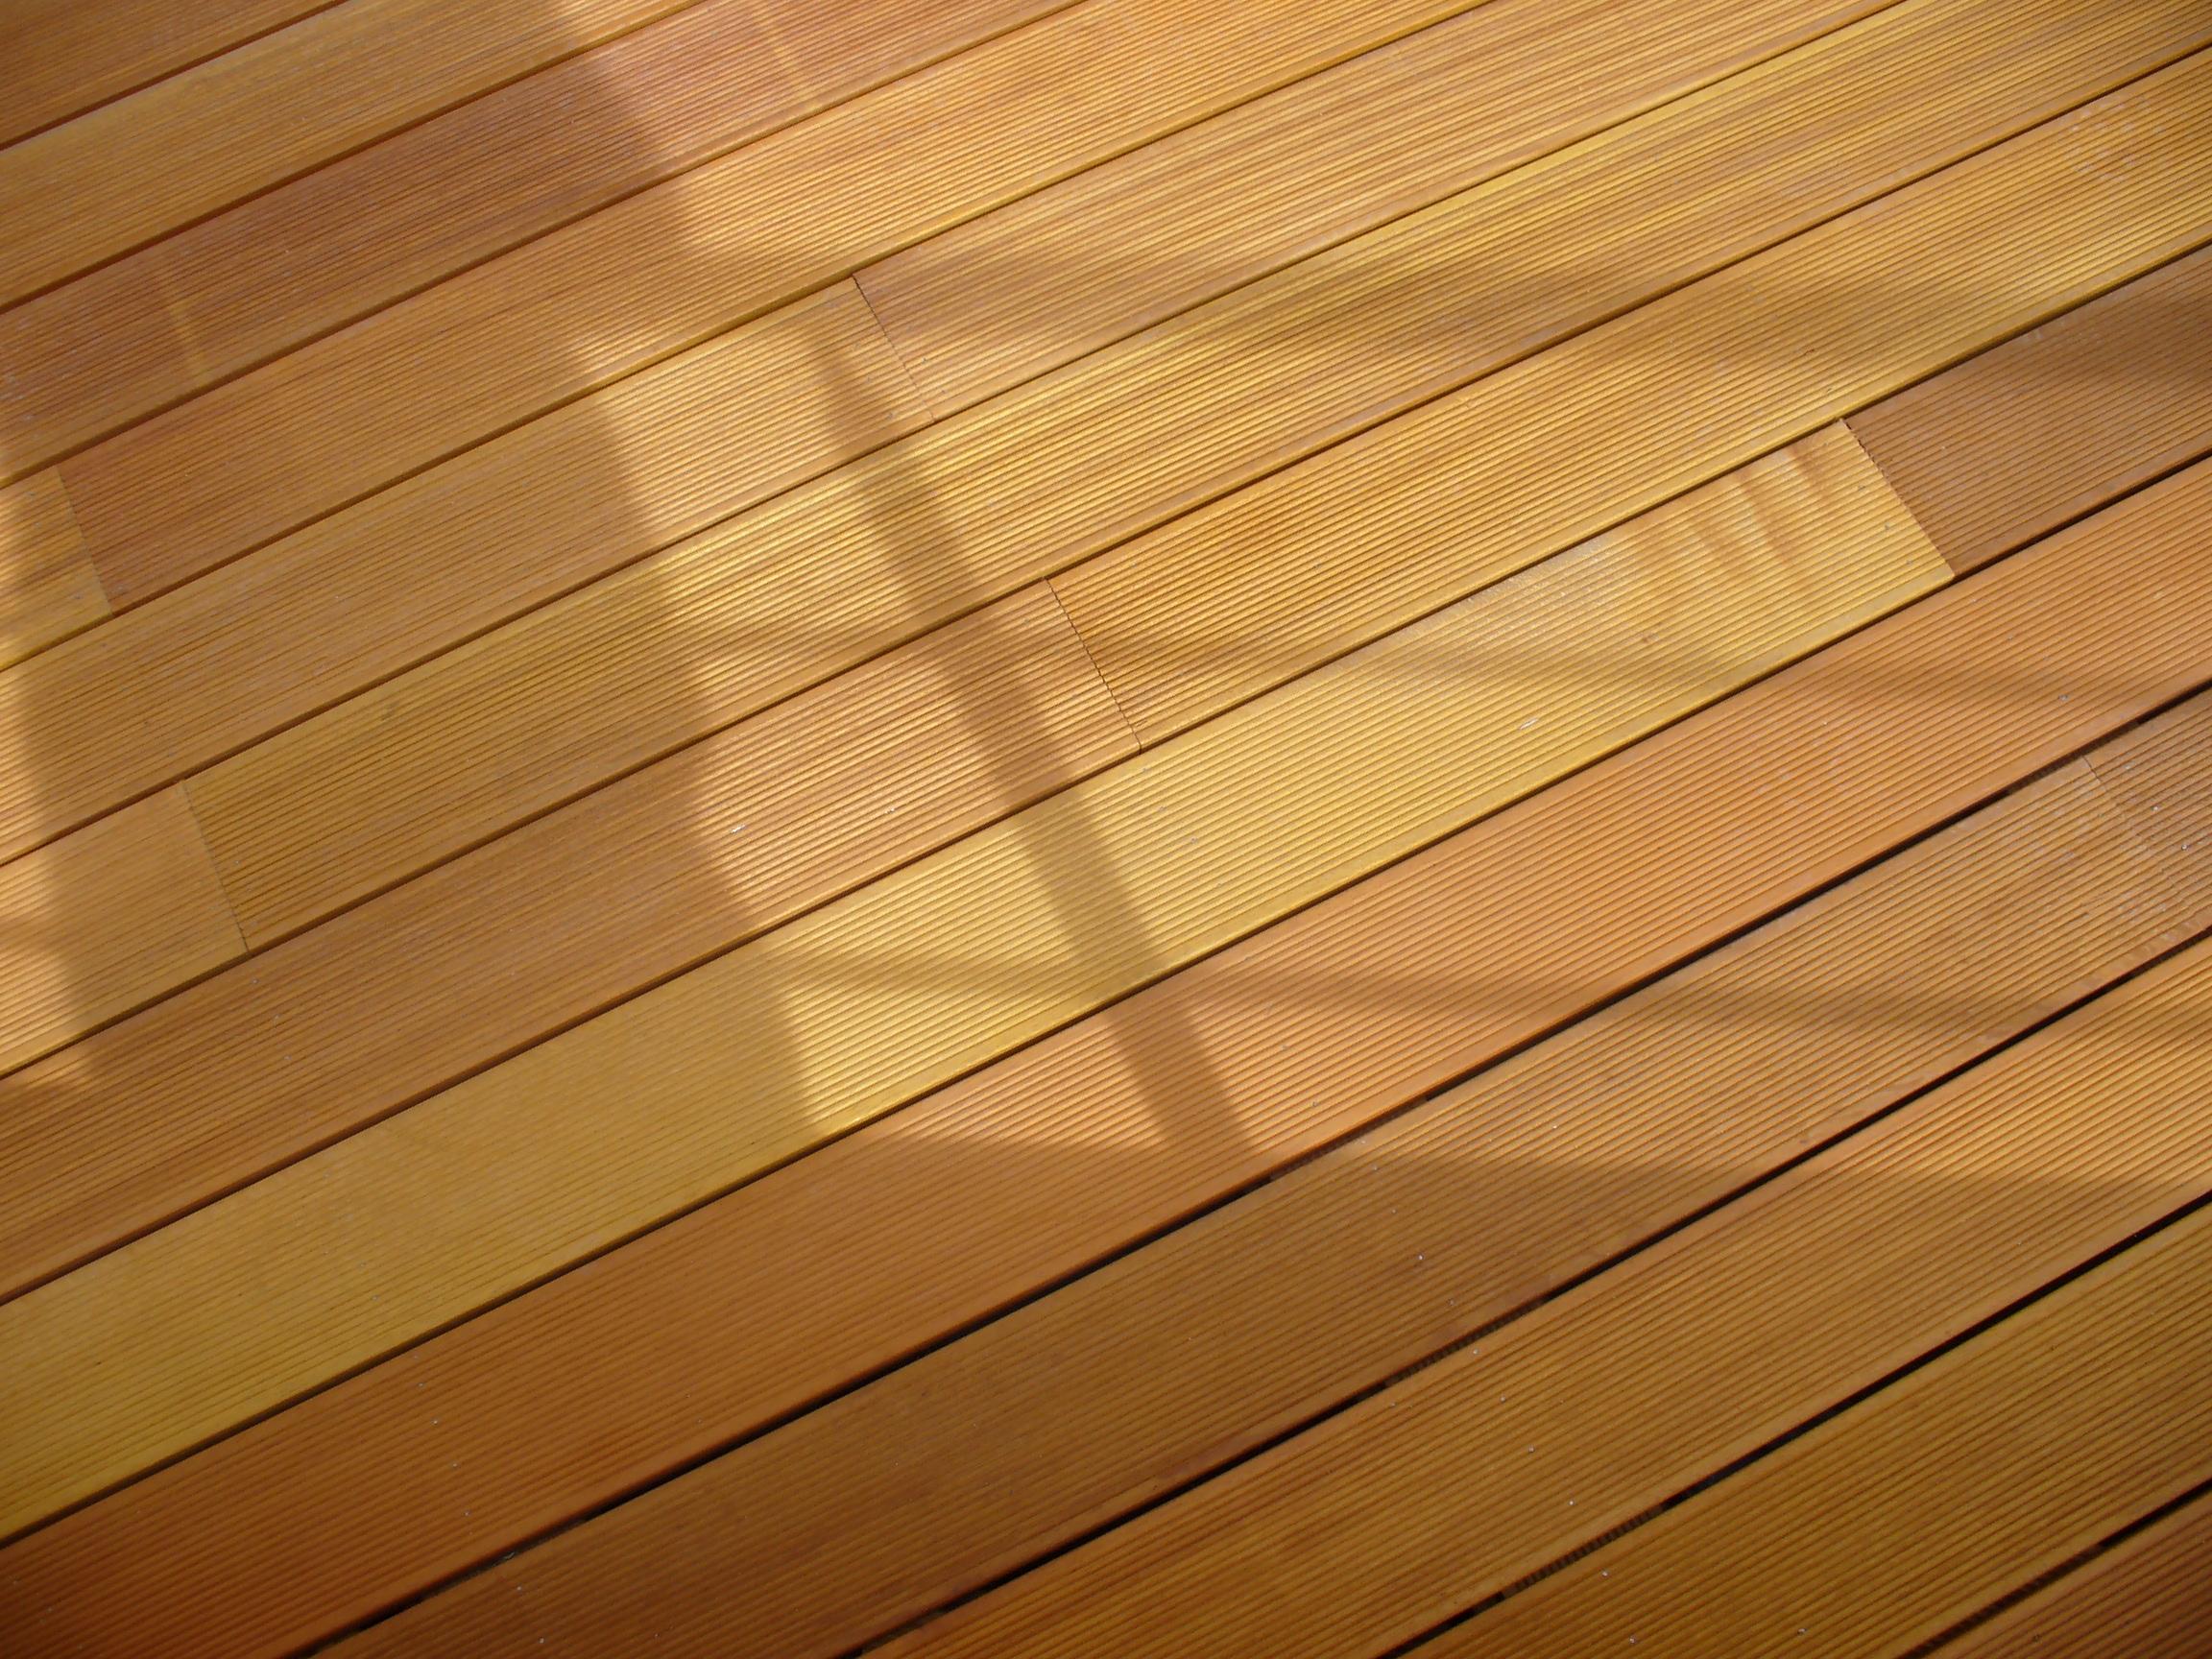 Deck-uri lemn - Guariuba SELVA FLOORS - Poza 17